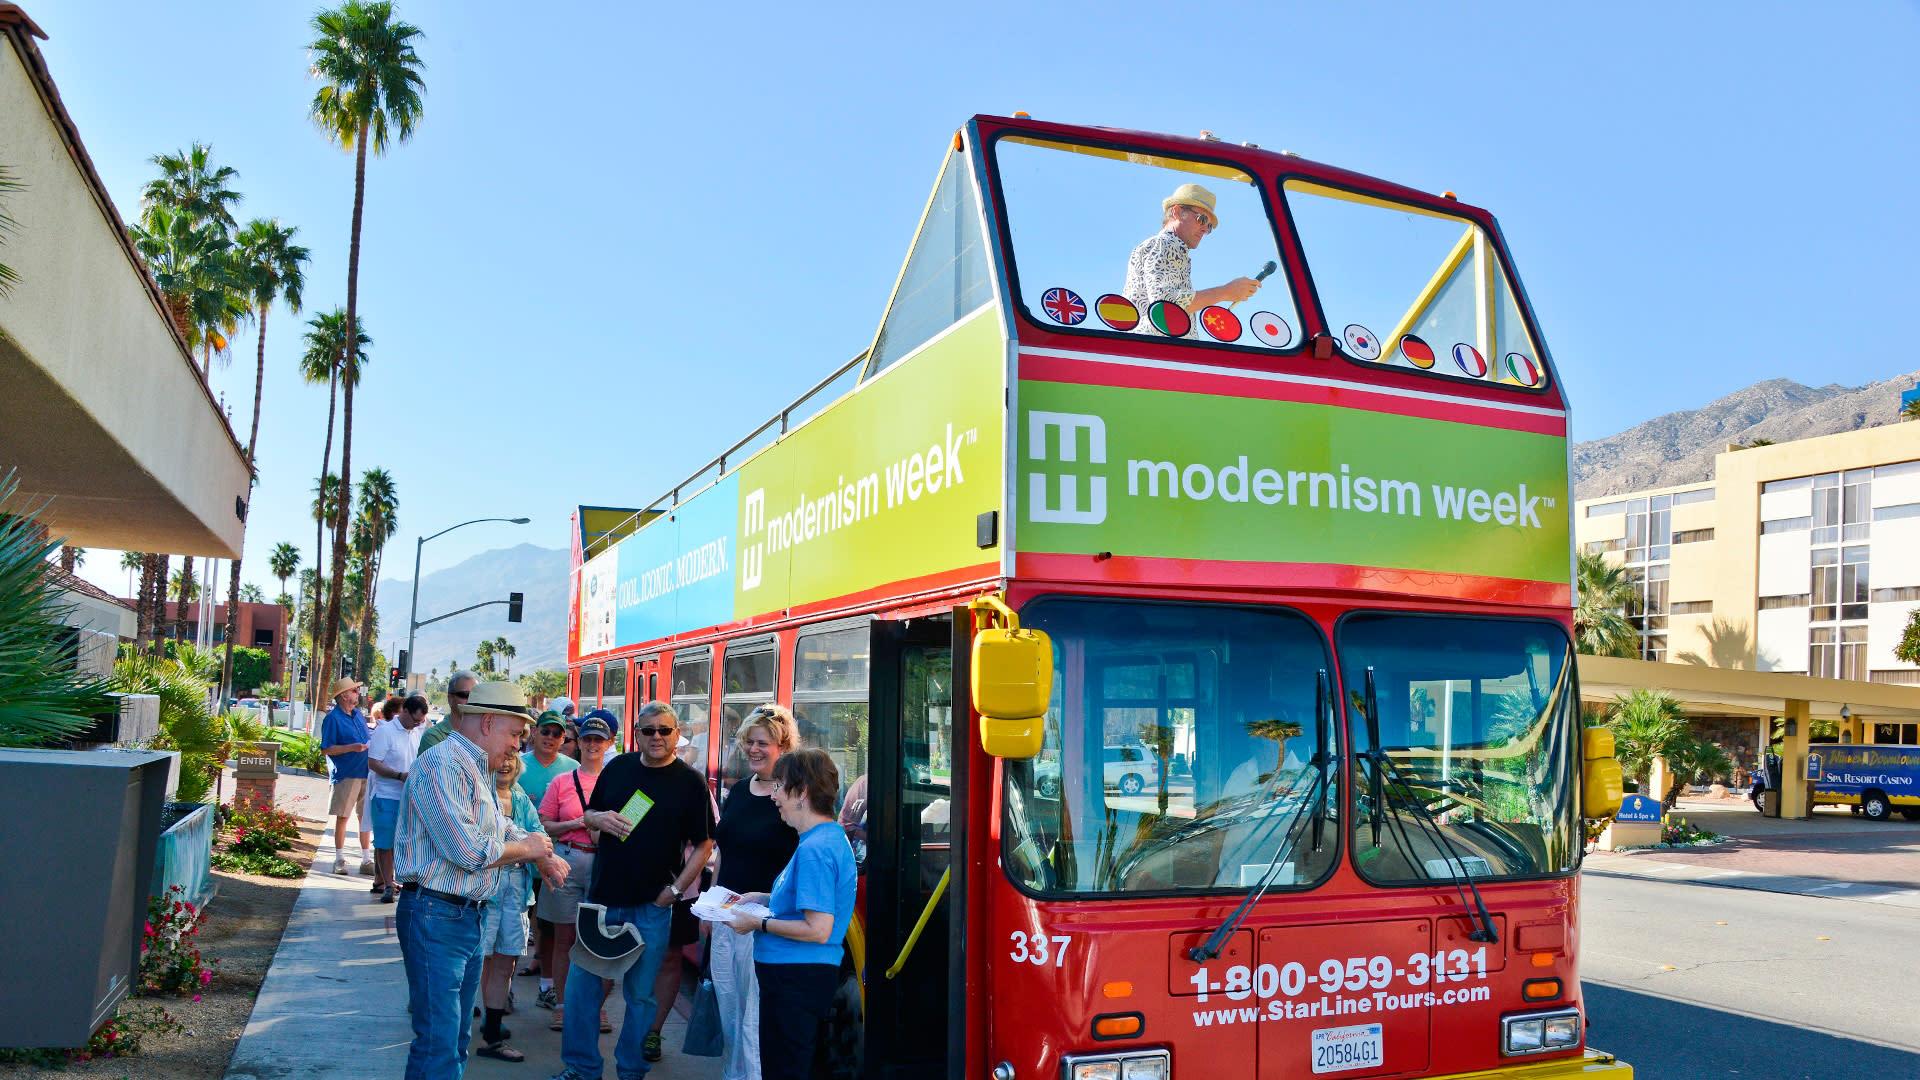 modernism week bus